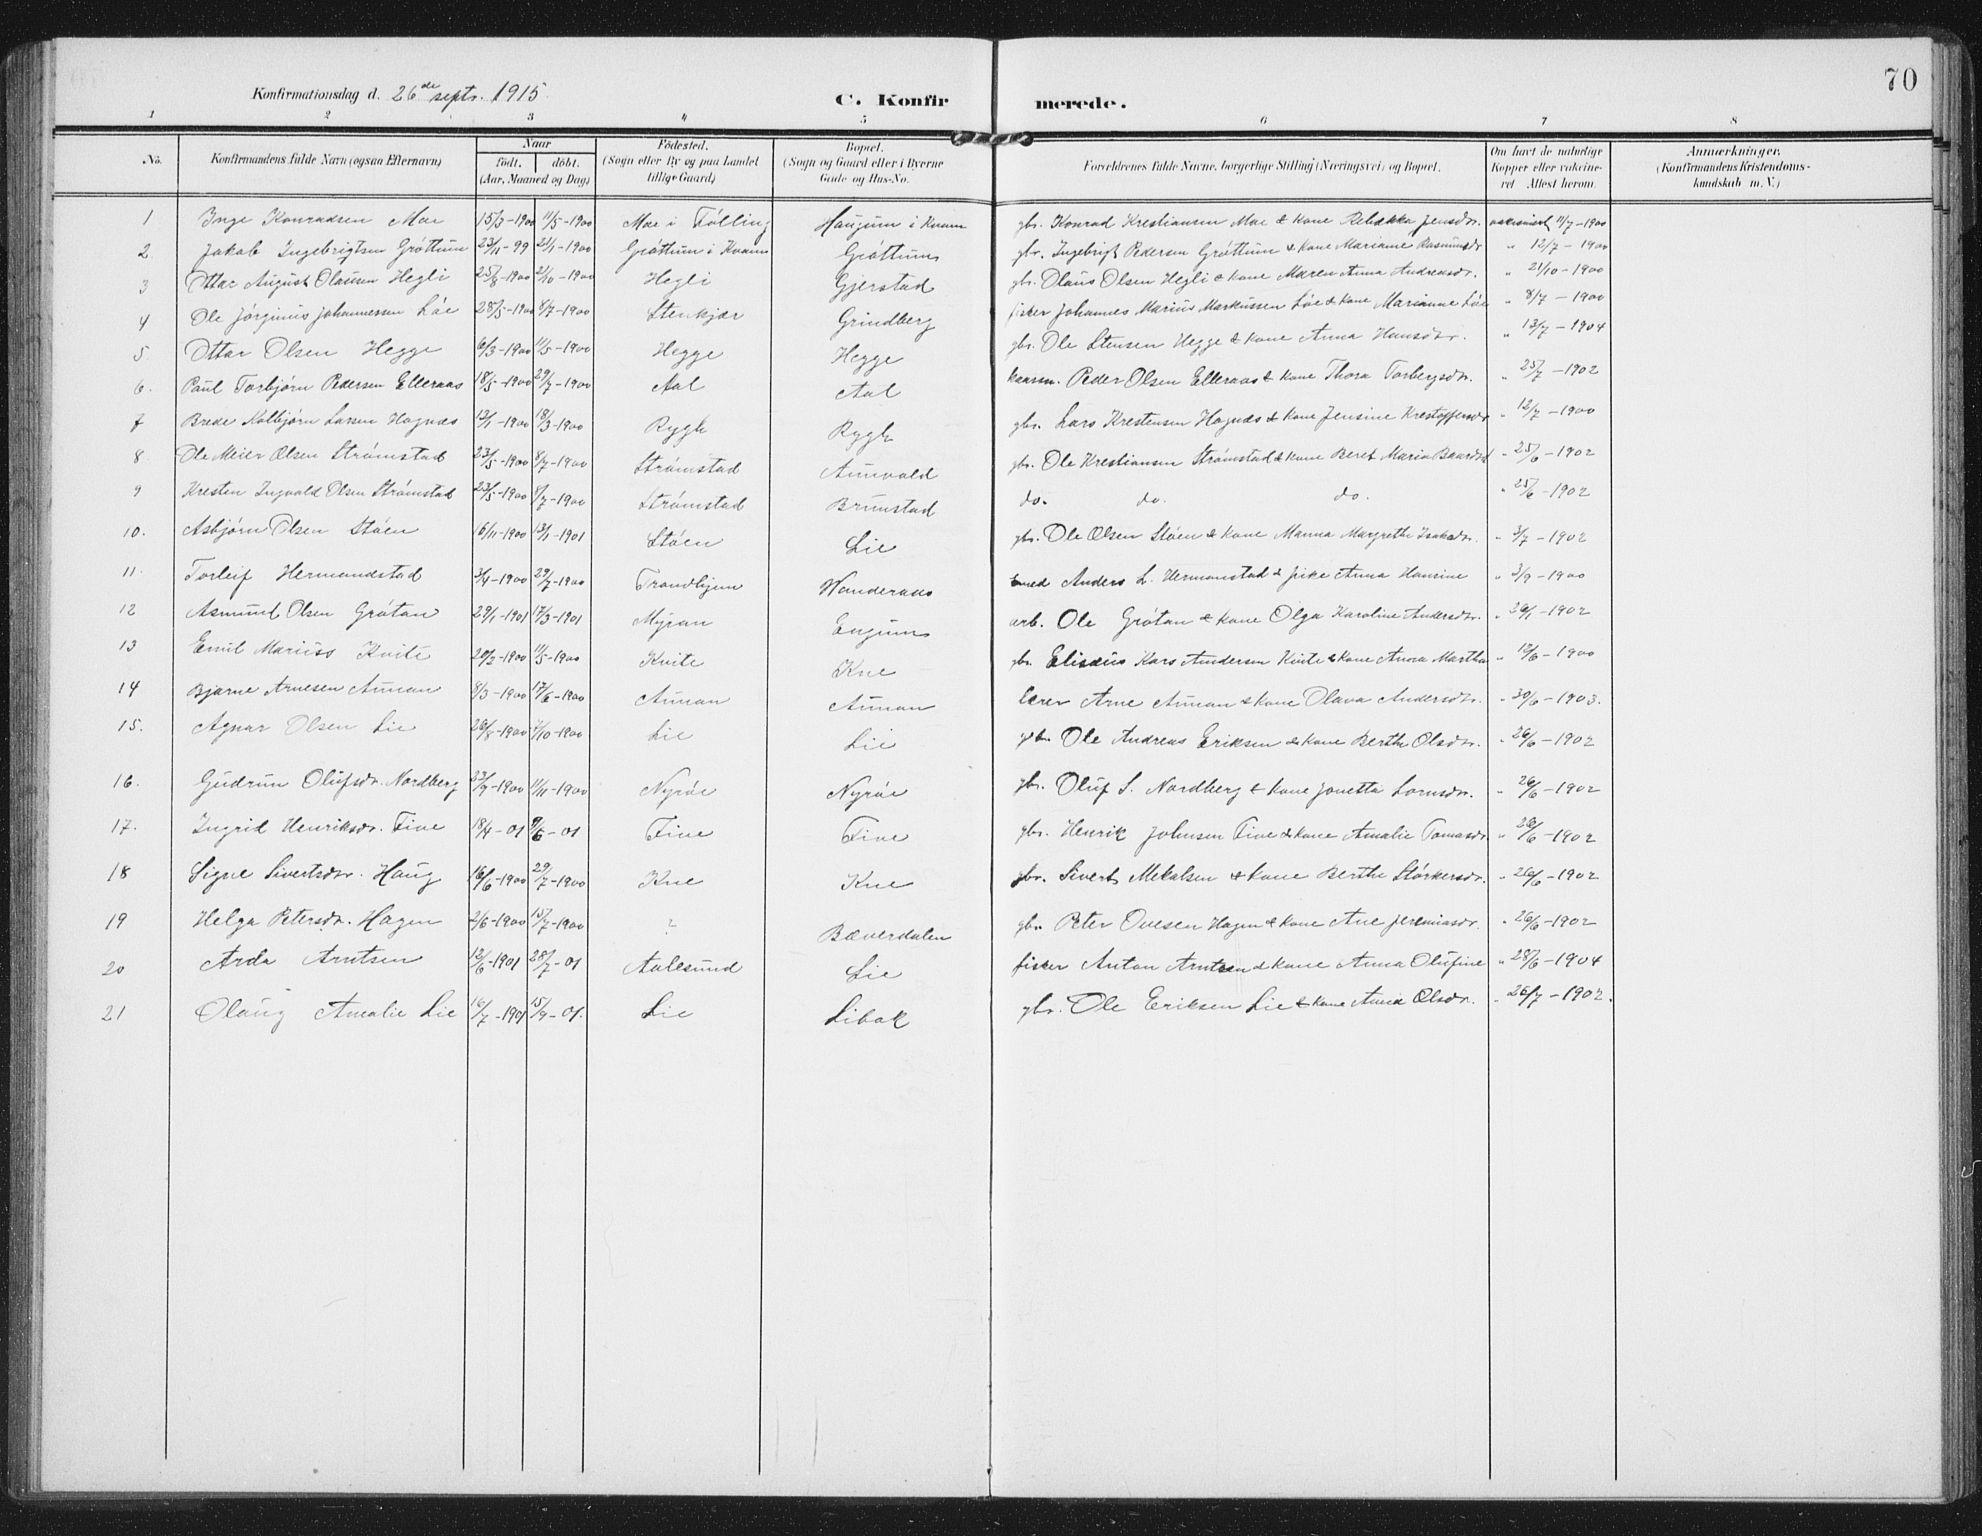 SAT, Ministerialprotokoller, klokkerbøker og fødselsregistre - Nord-Trøndelag, 747/L0460: Klokkerbok nr. 747C02, 1908-1939, s. 70